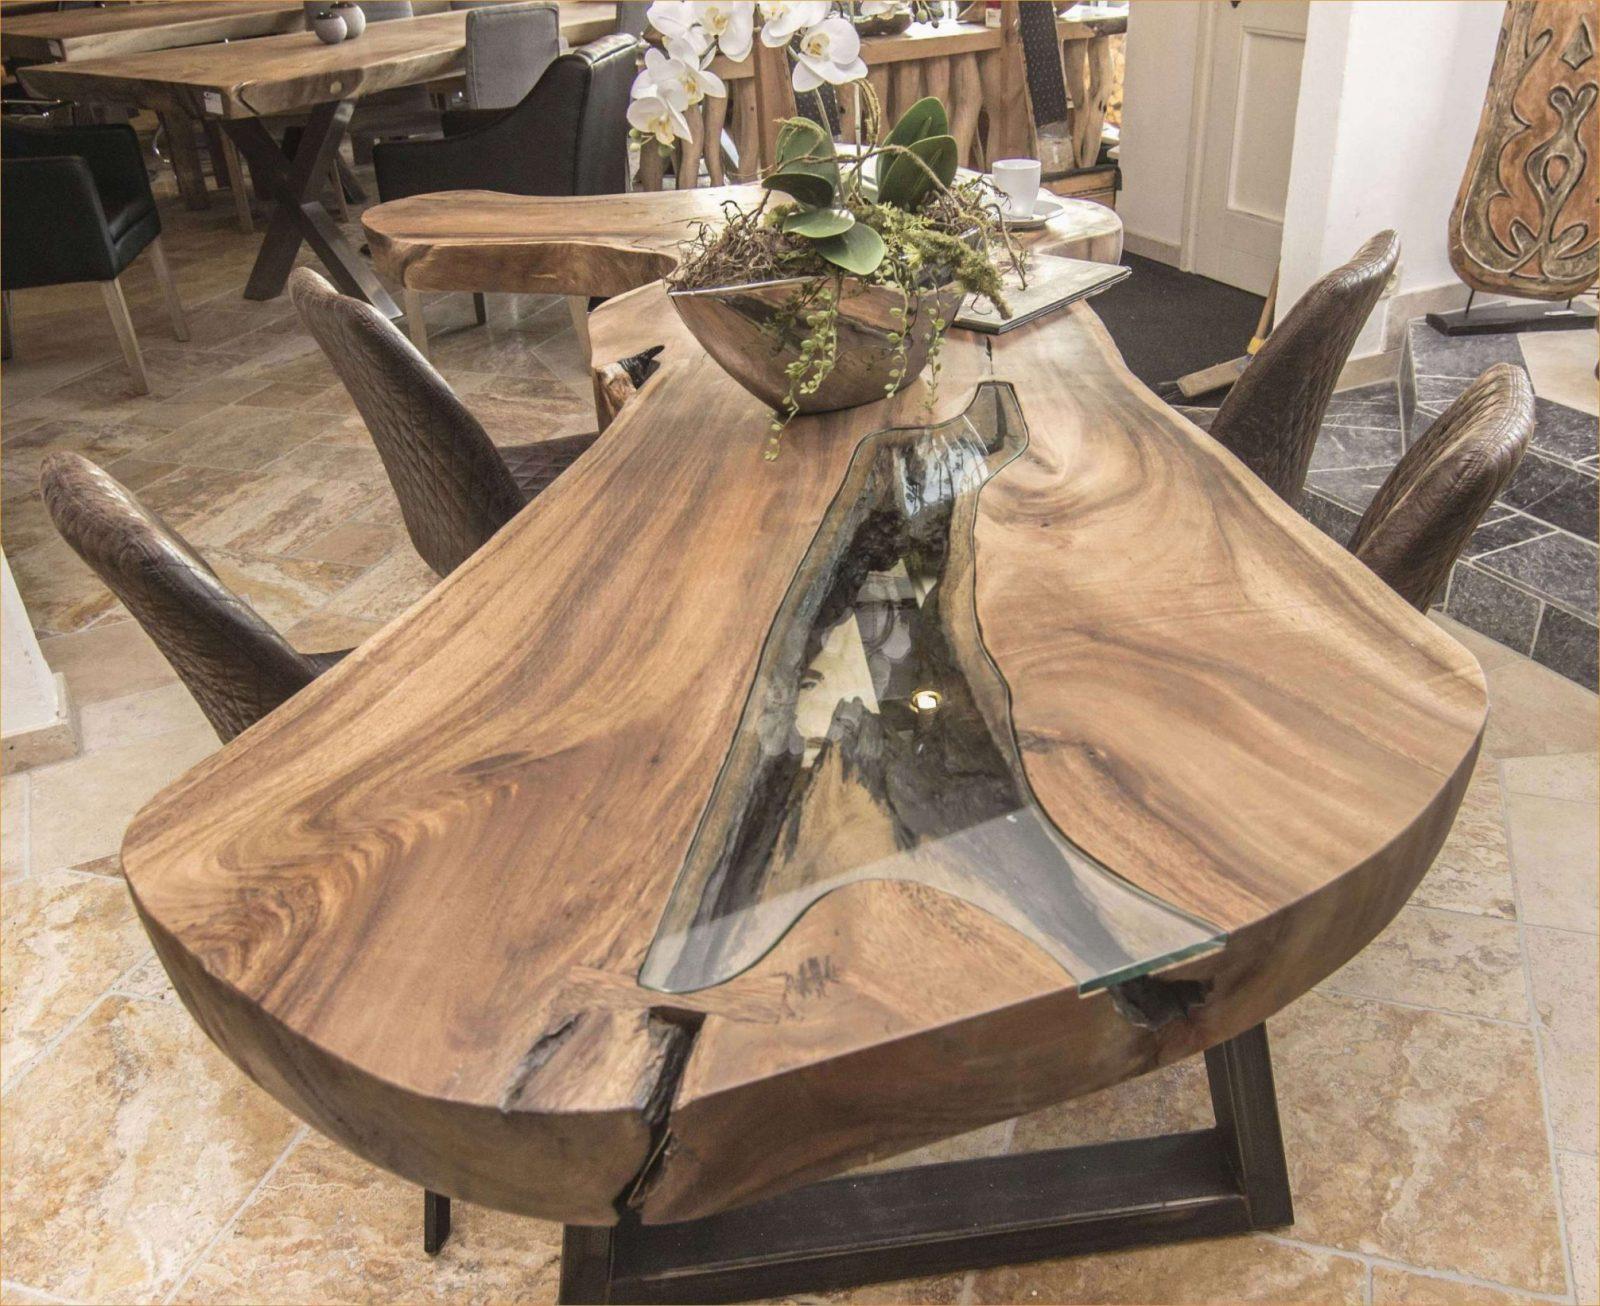 45 Kollektion Baumstamm Tisch Selber Machen Stock  Vervollständigen von Tisch Aus Baumstamm Selber Machen Bild